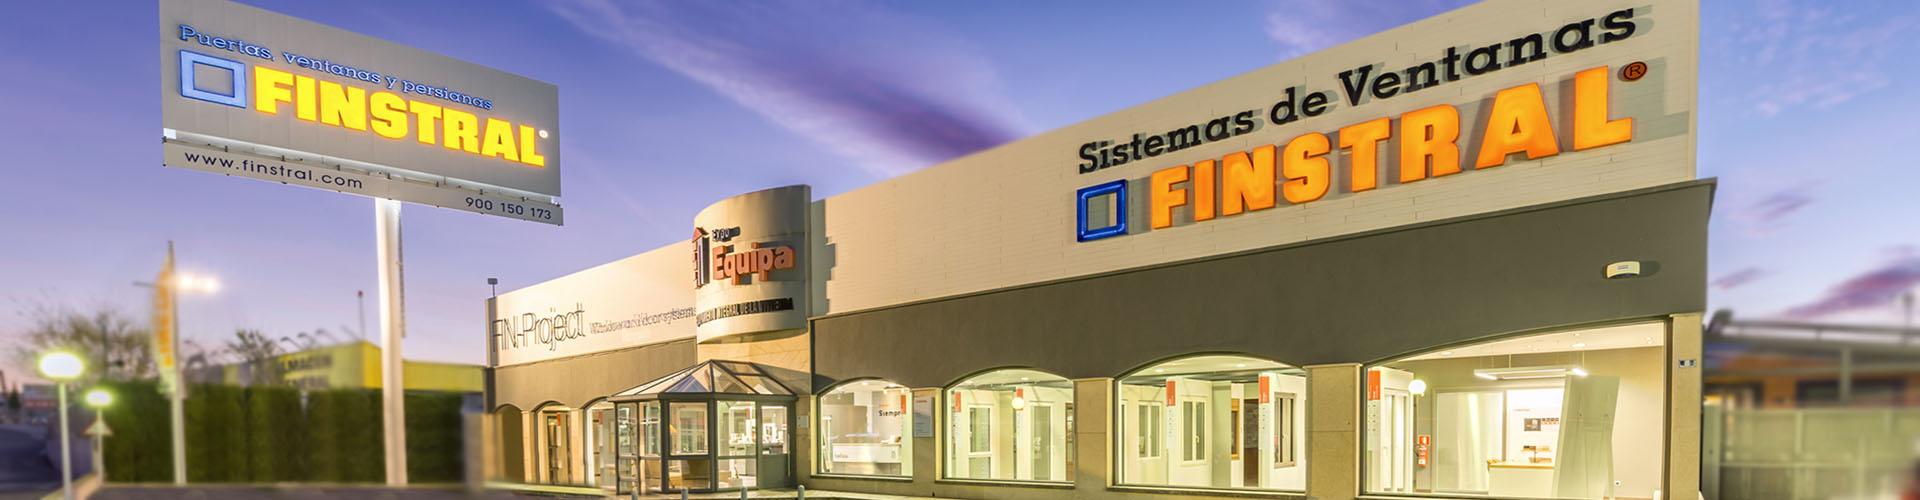 Expoequipa Distribuidora de Finstral en Alicante